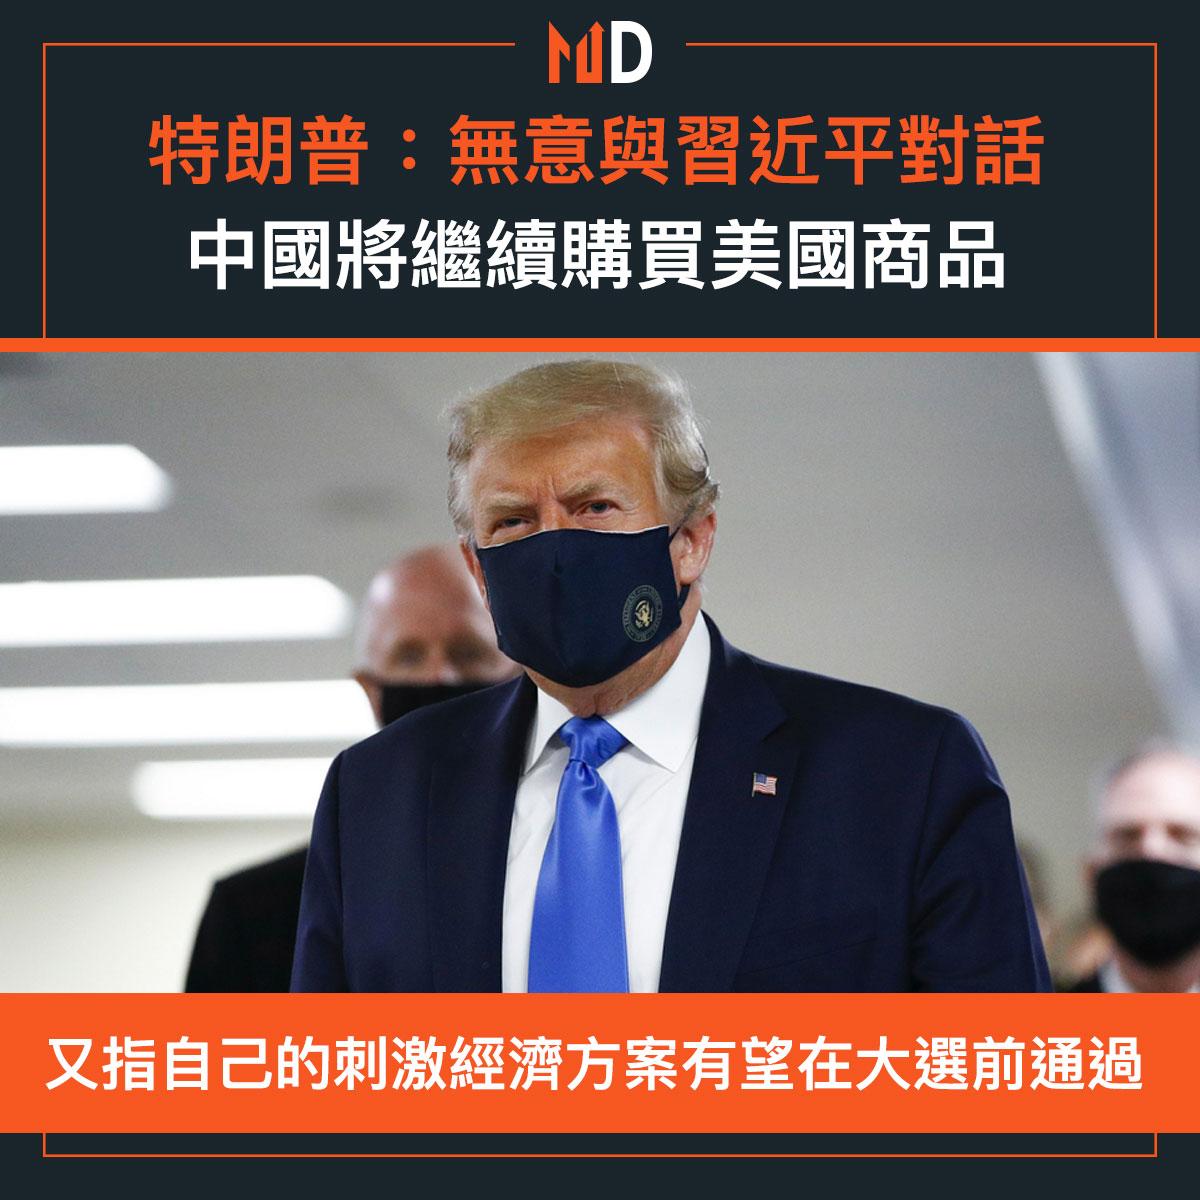 特朗普:無意與習近平對話,中國將繼續購買美國商品